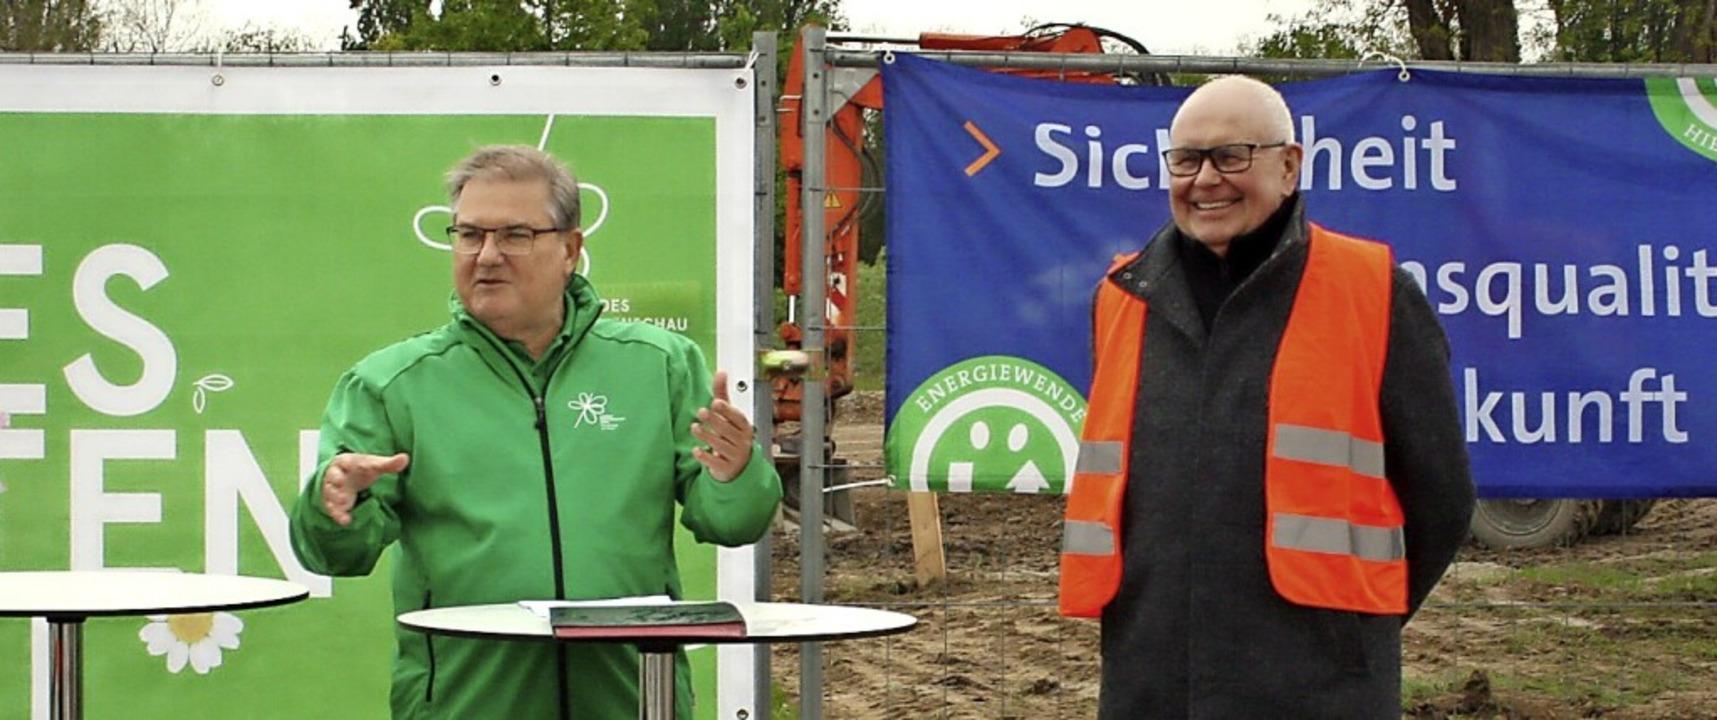 Bürgermeister Joachim Schuster und Badenova-Vorstand Mathias Nikolay  | Foto: LGS2022 Neuenburg am Rhein GmbH